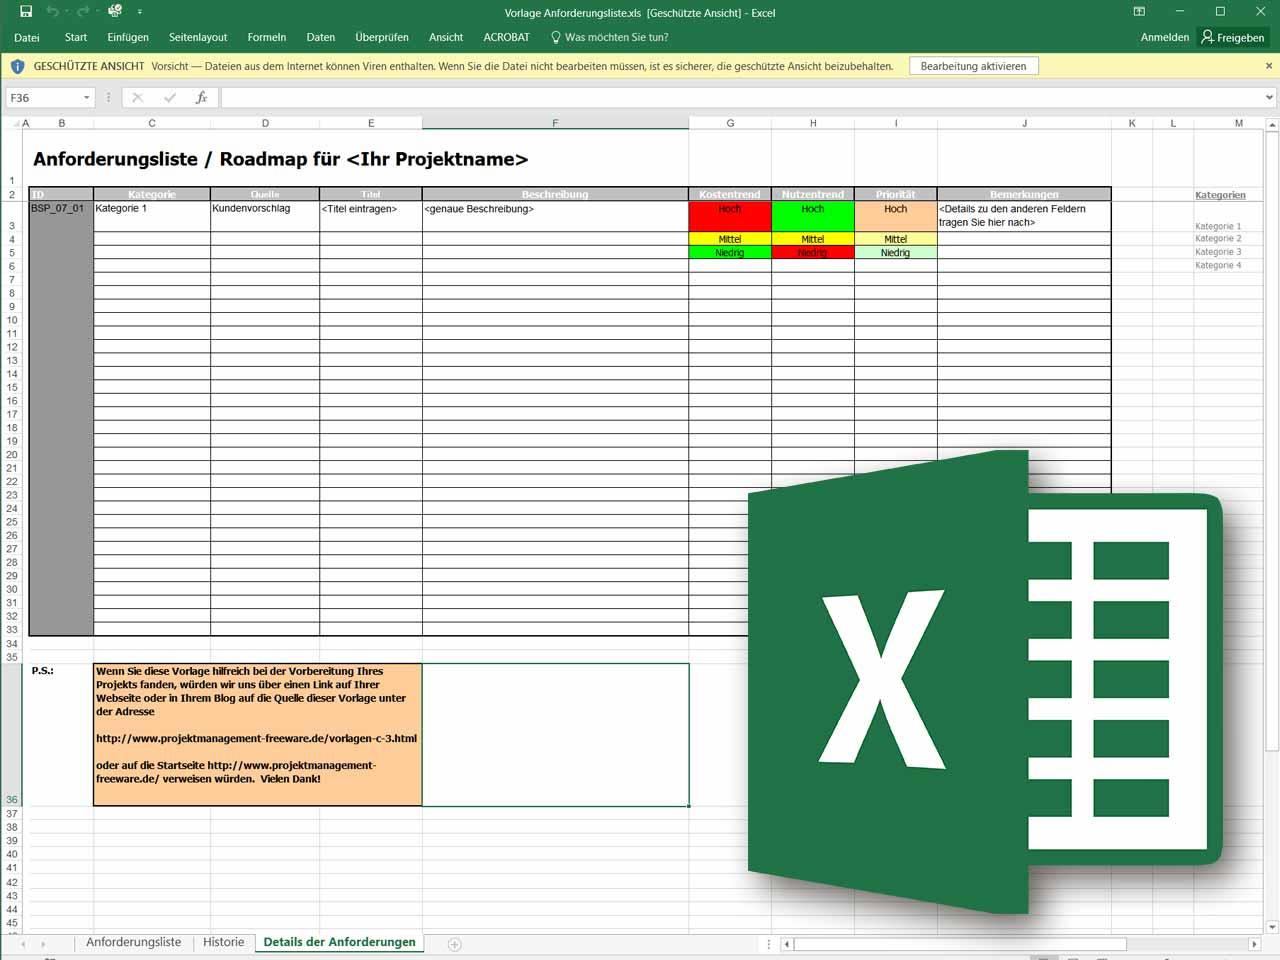 Anforderungsliste Im Projektmanagement Als Excel Vorlage Projektmanagement Freeware